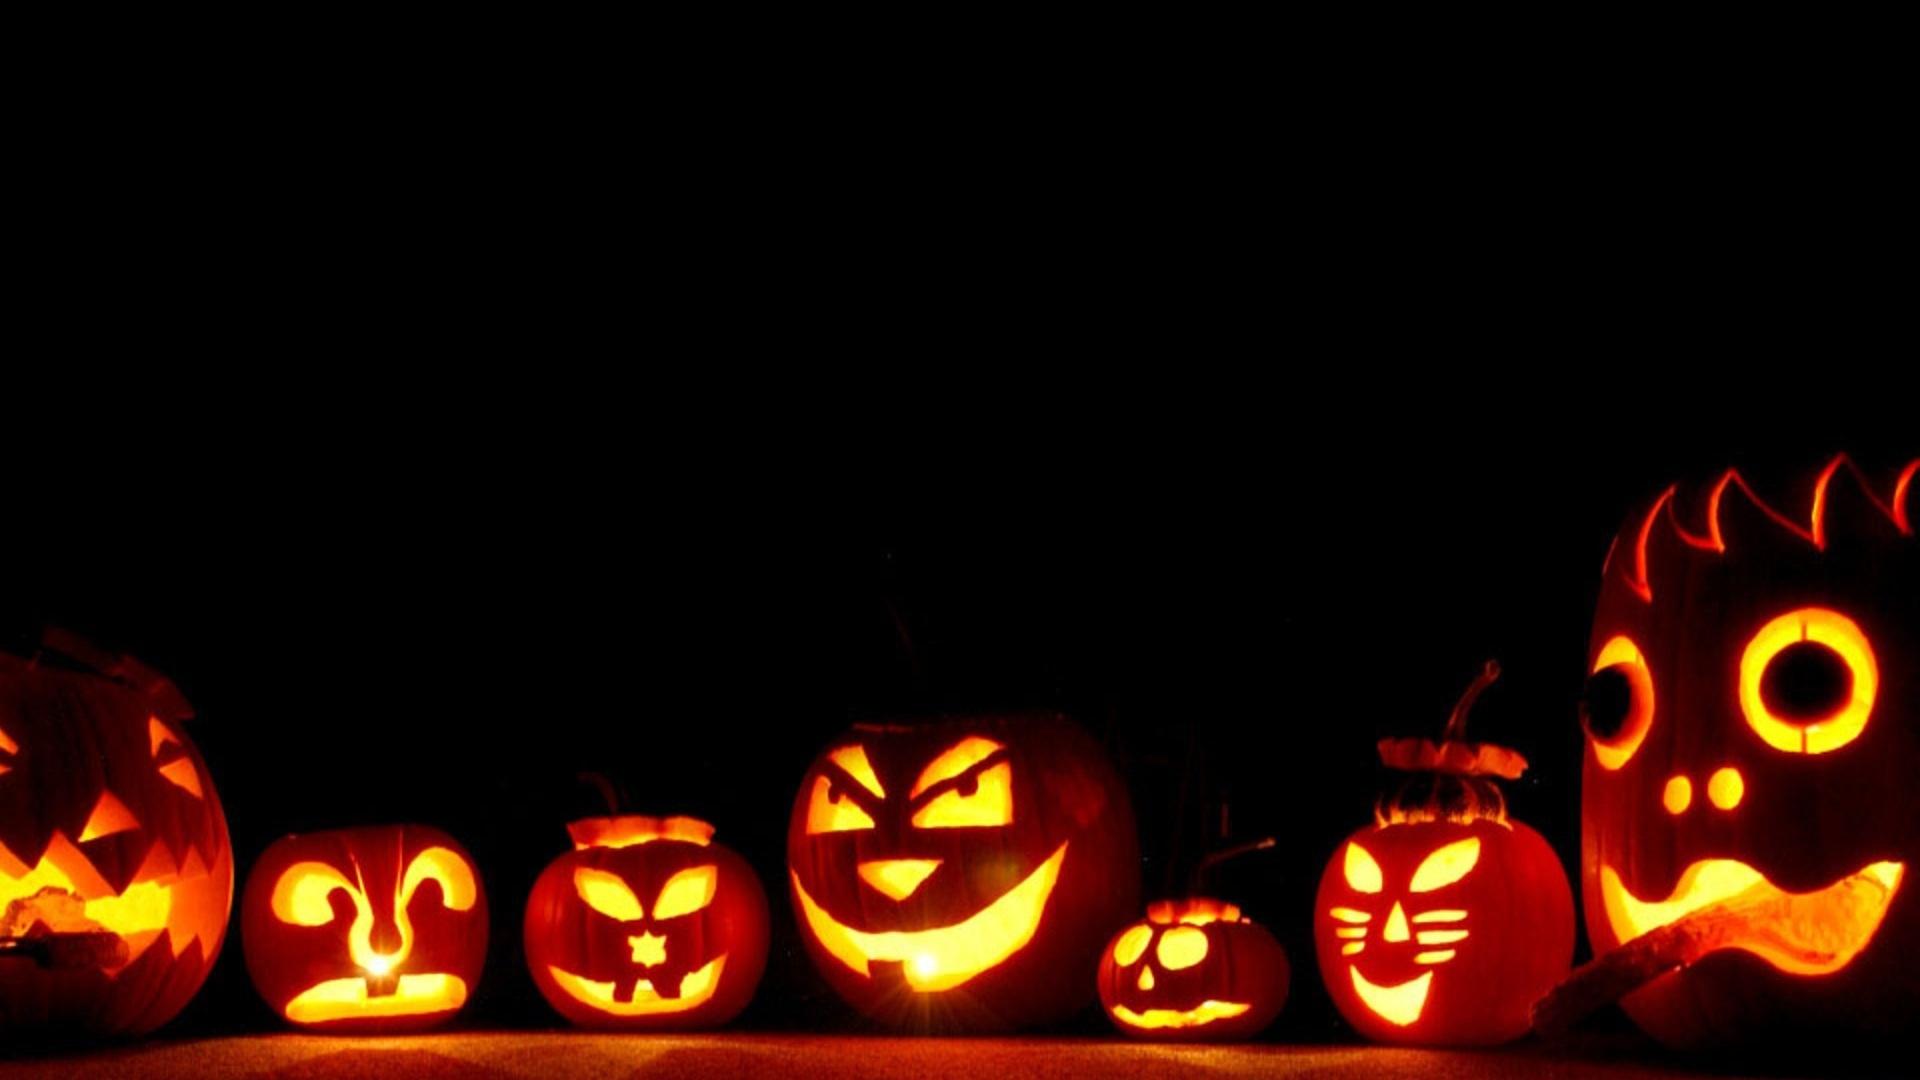 halloween happy hd wallpaper wallpapers55com   Best Wallpapers for 1920x1080